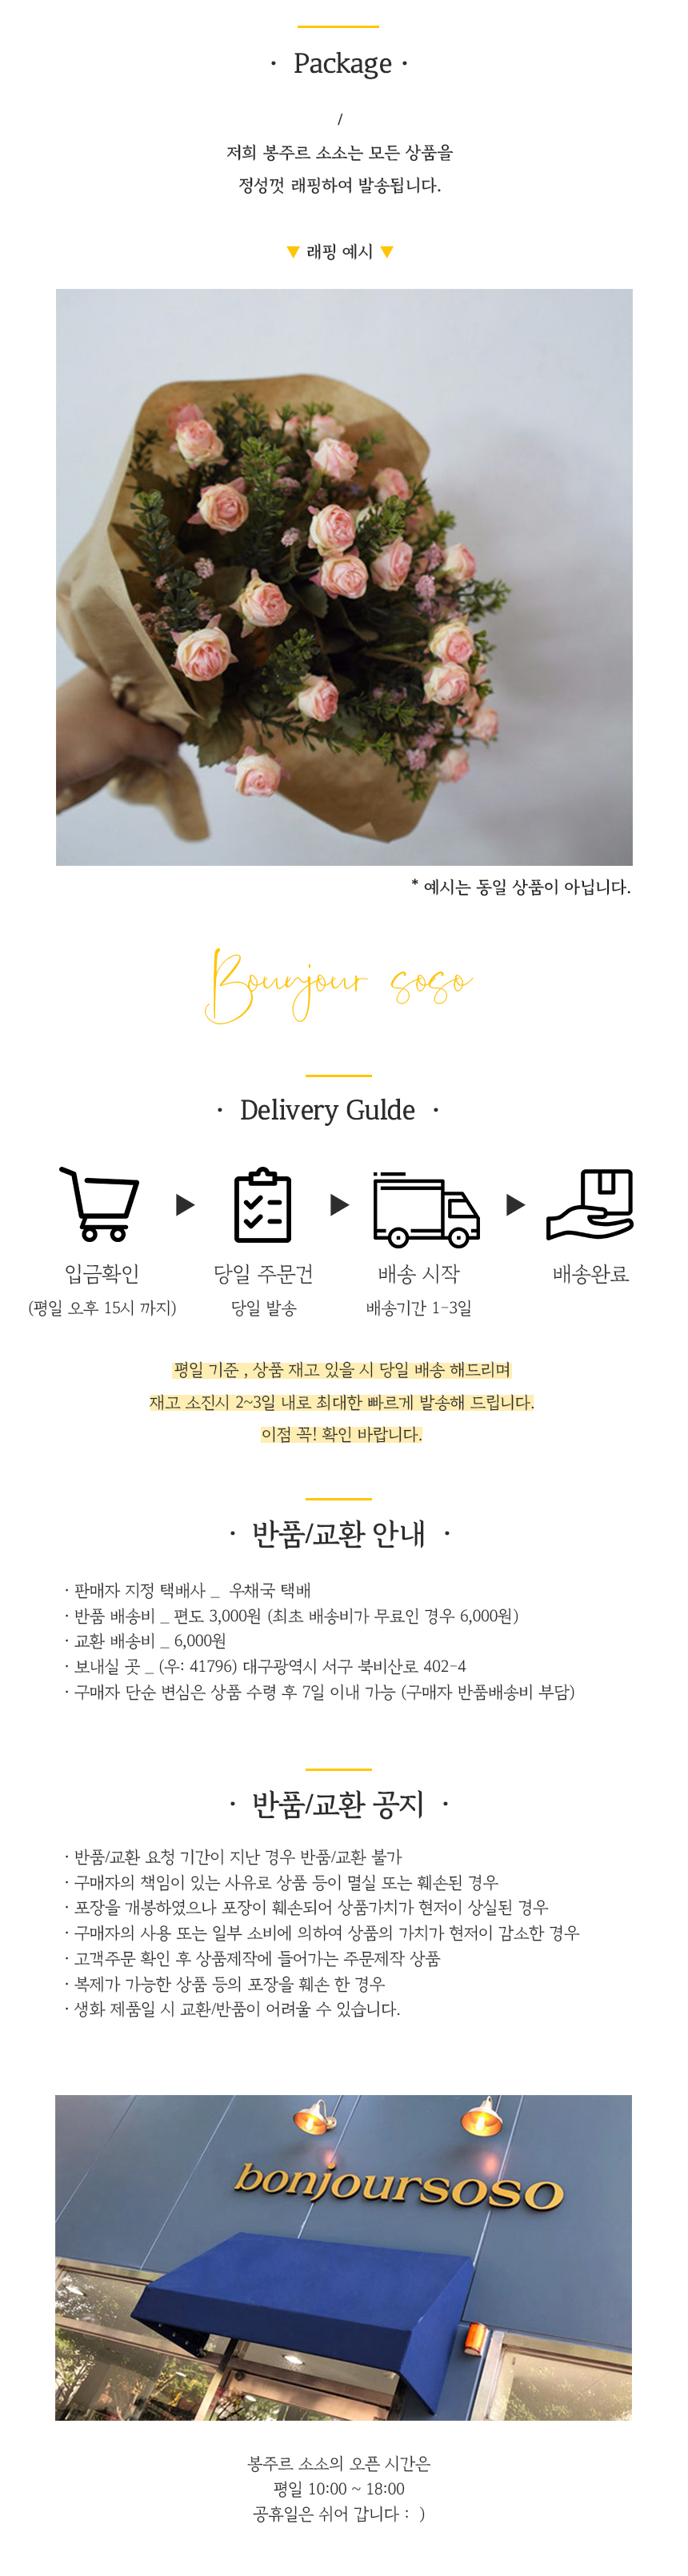 캔디 같은 달콤한 컬러의 봄봄 안개 - 인테리어조화 - 봉주르소소, 3,600원, 조화, 부쉬